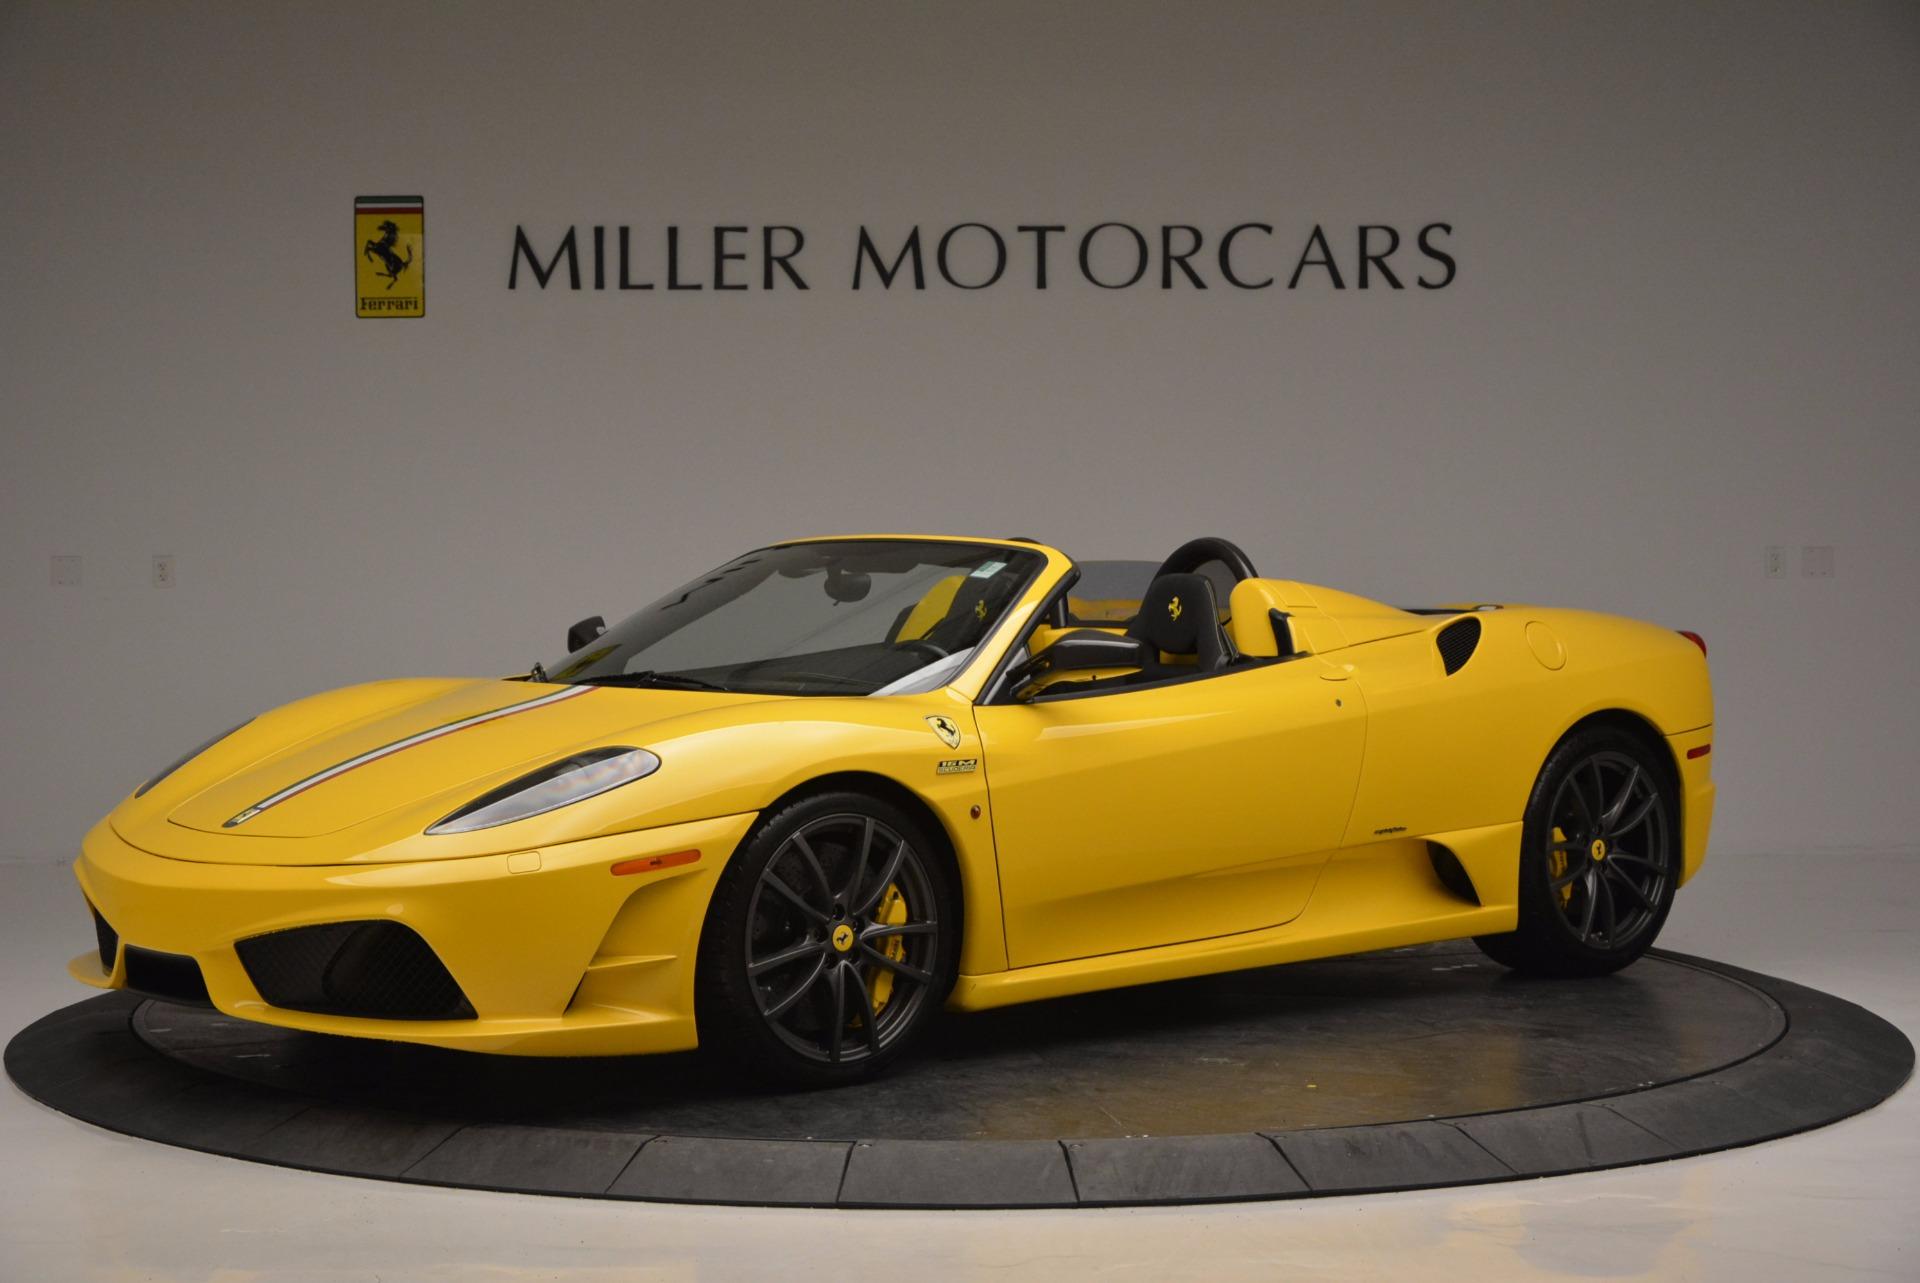 Used 2009 Ferrari F430 Scuderia 16M For Sale In Greenwich, CT. Alfa Romeo of Greenwich, 4369 856_p2